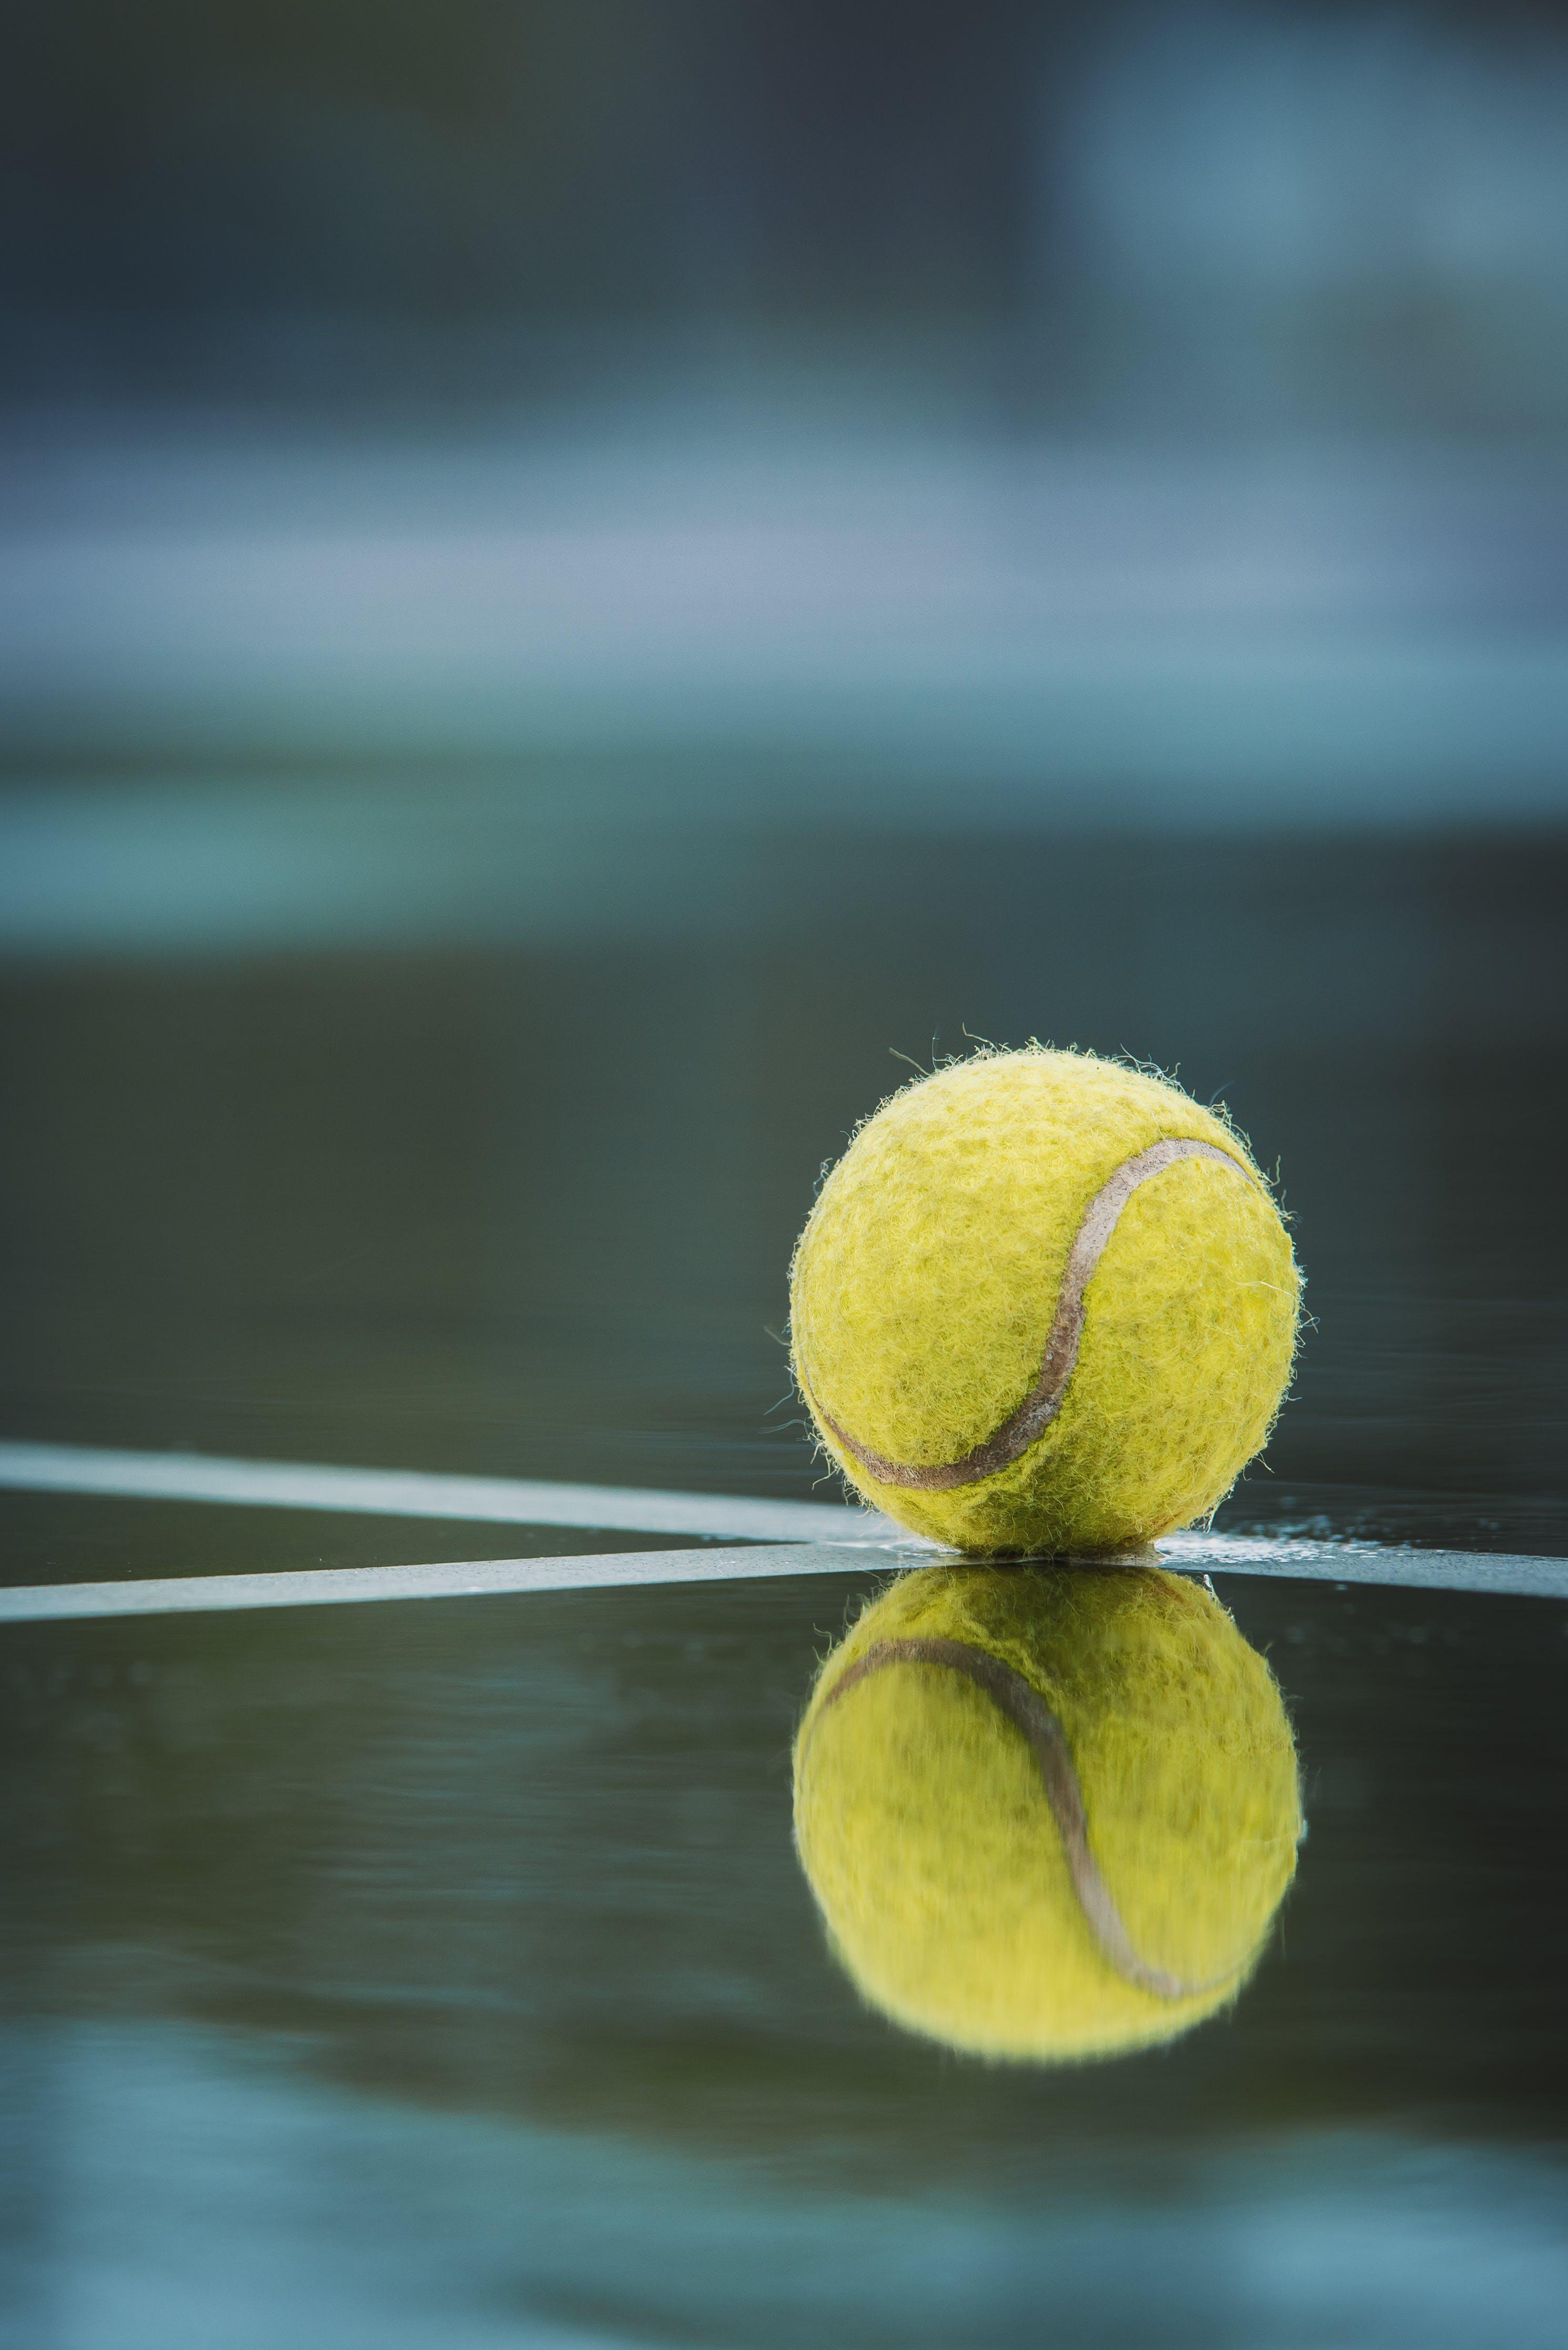 Kostenloses Stock Foto zu ball, draußen, drinnen, erholung